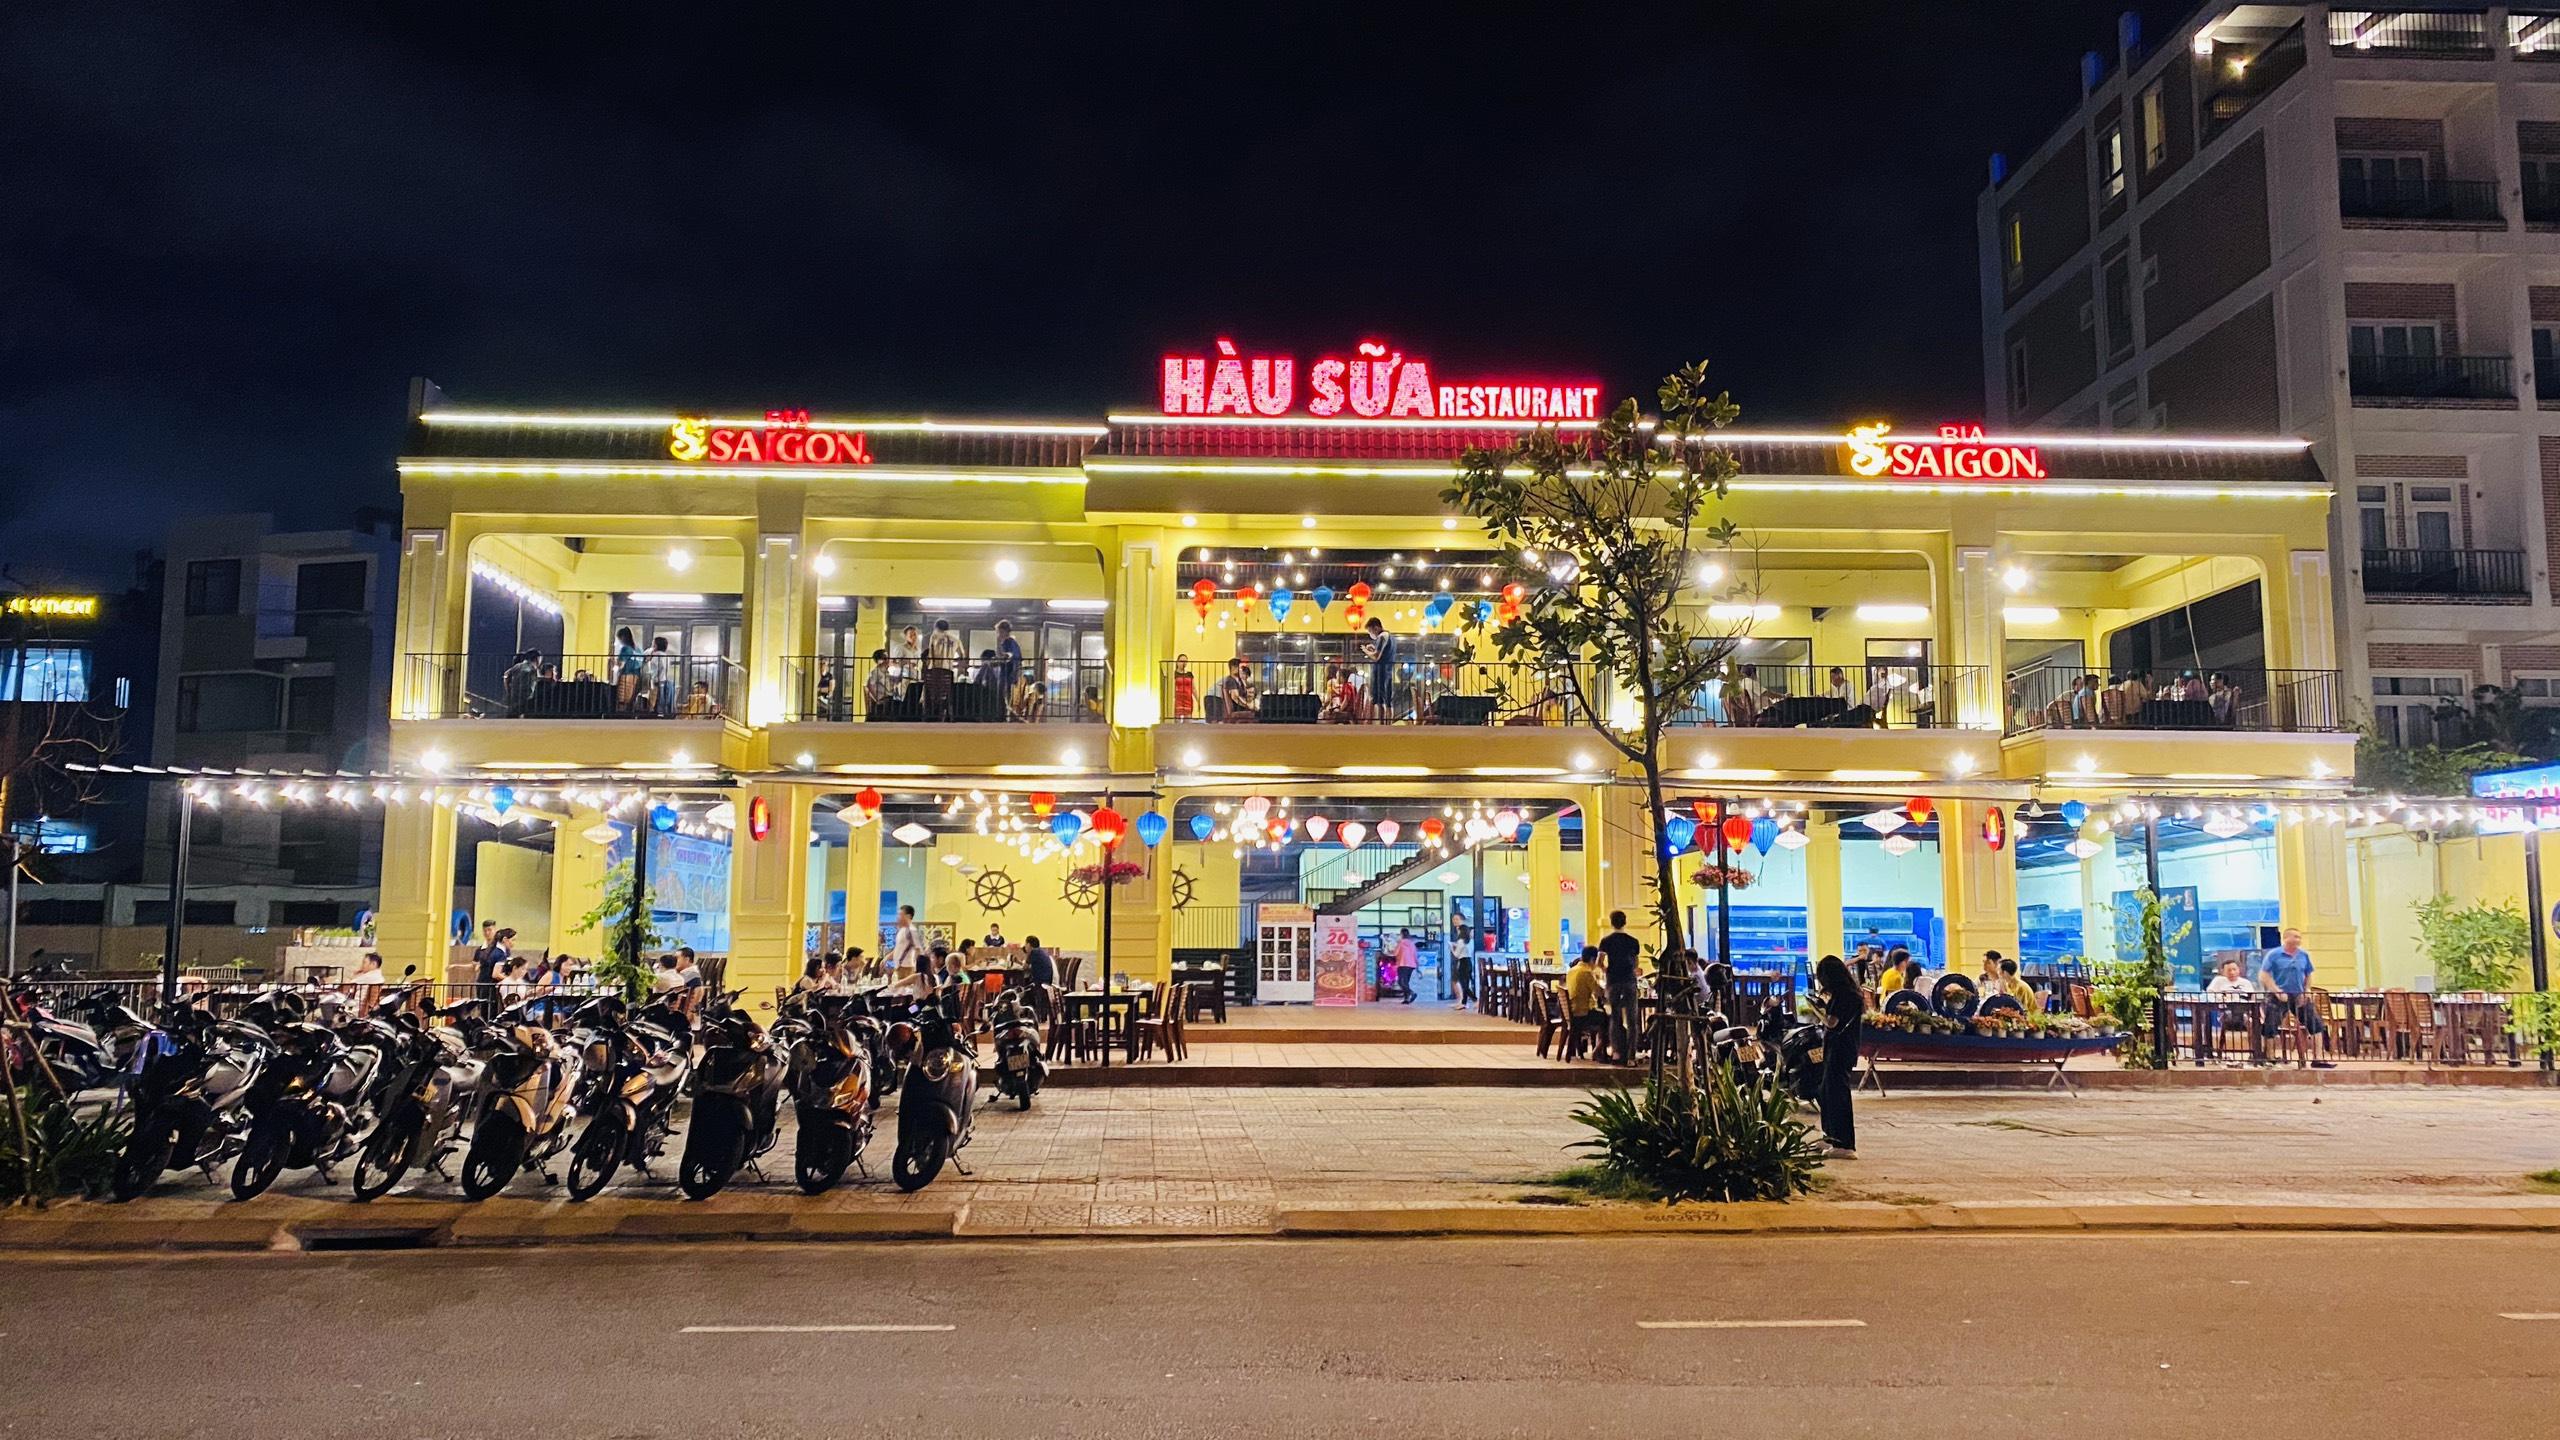 Hàu Sữa Restaurant - Hải sản ngon Đà Nẵng